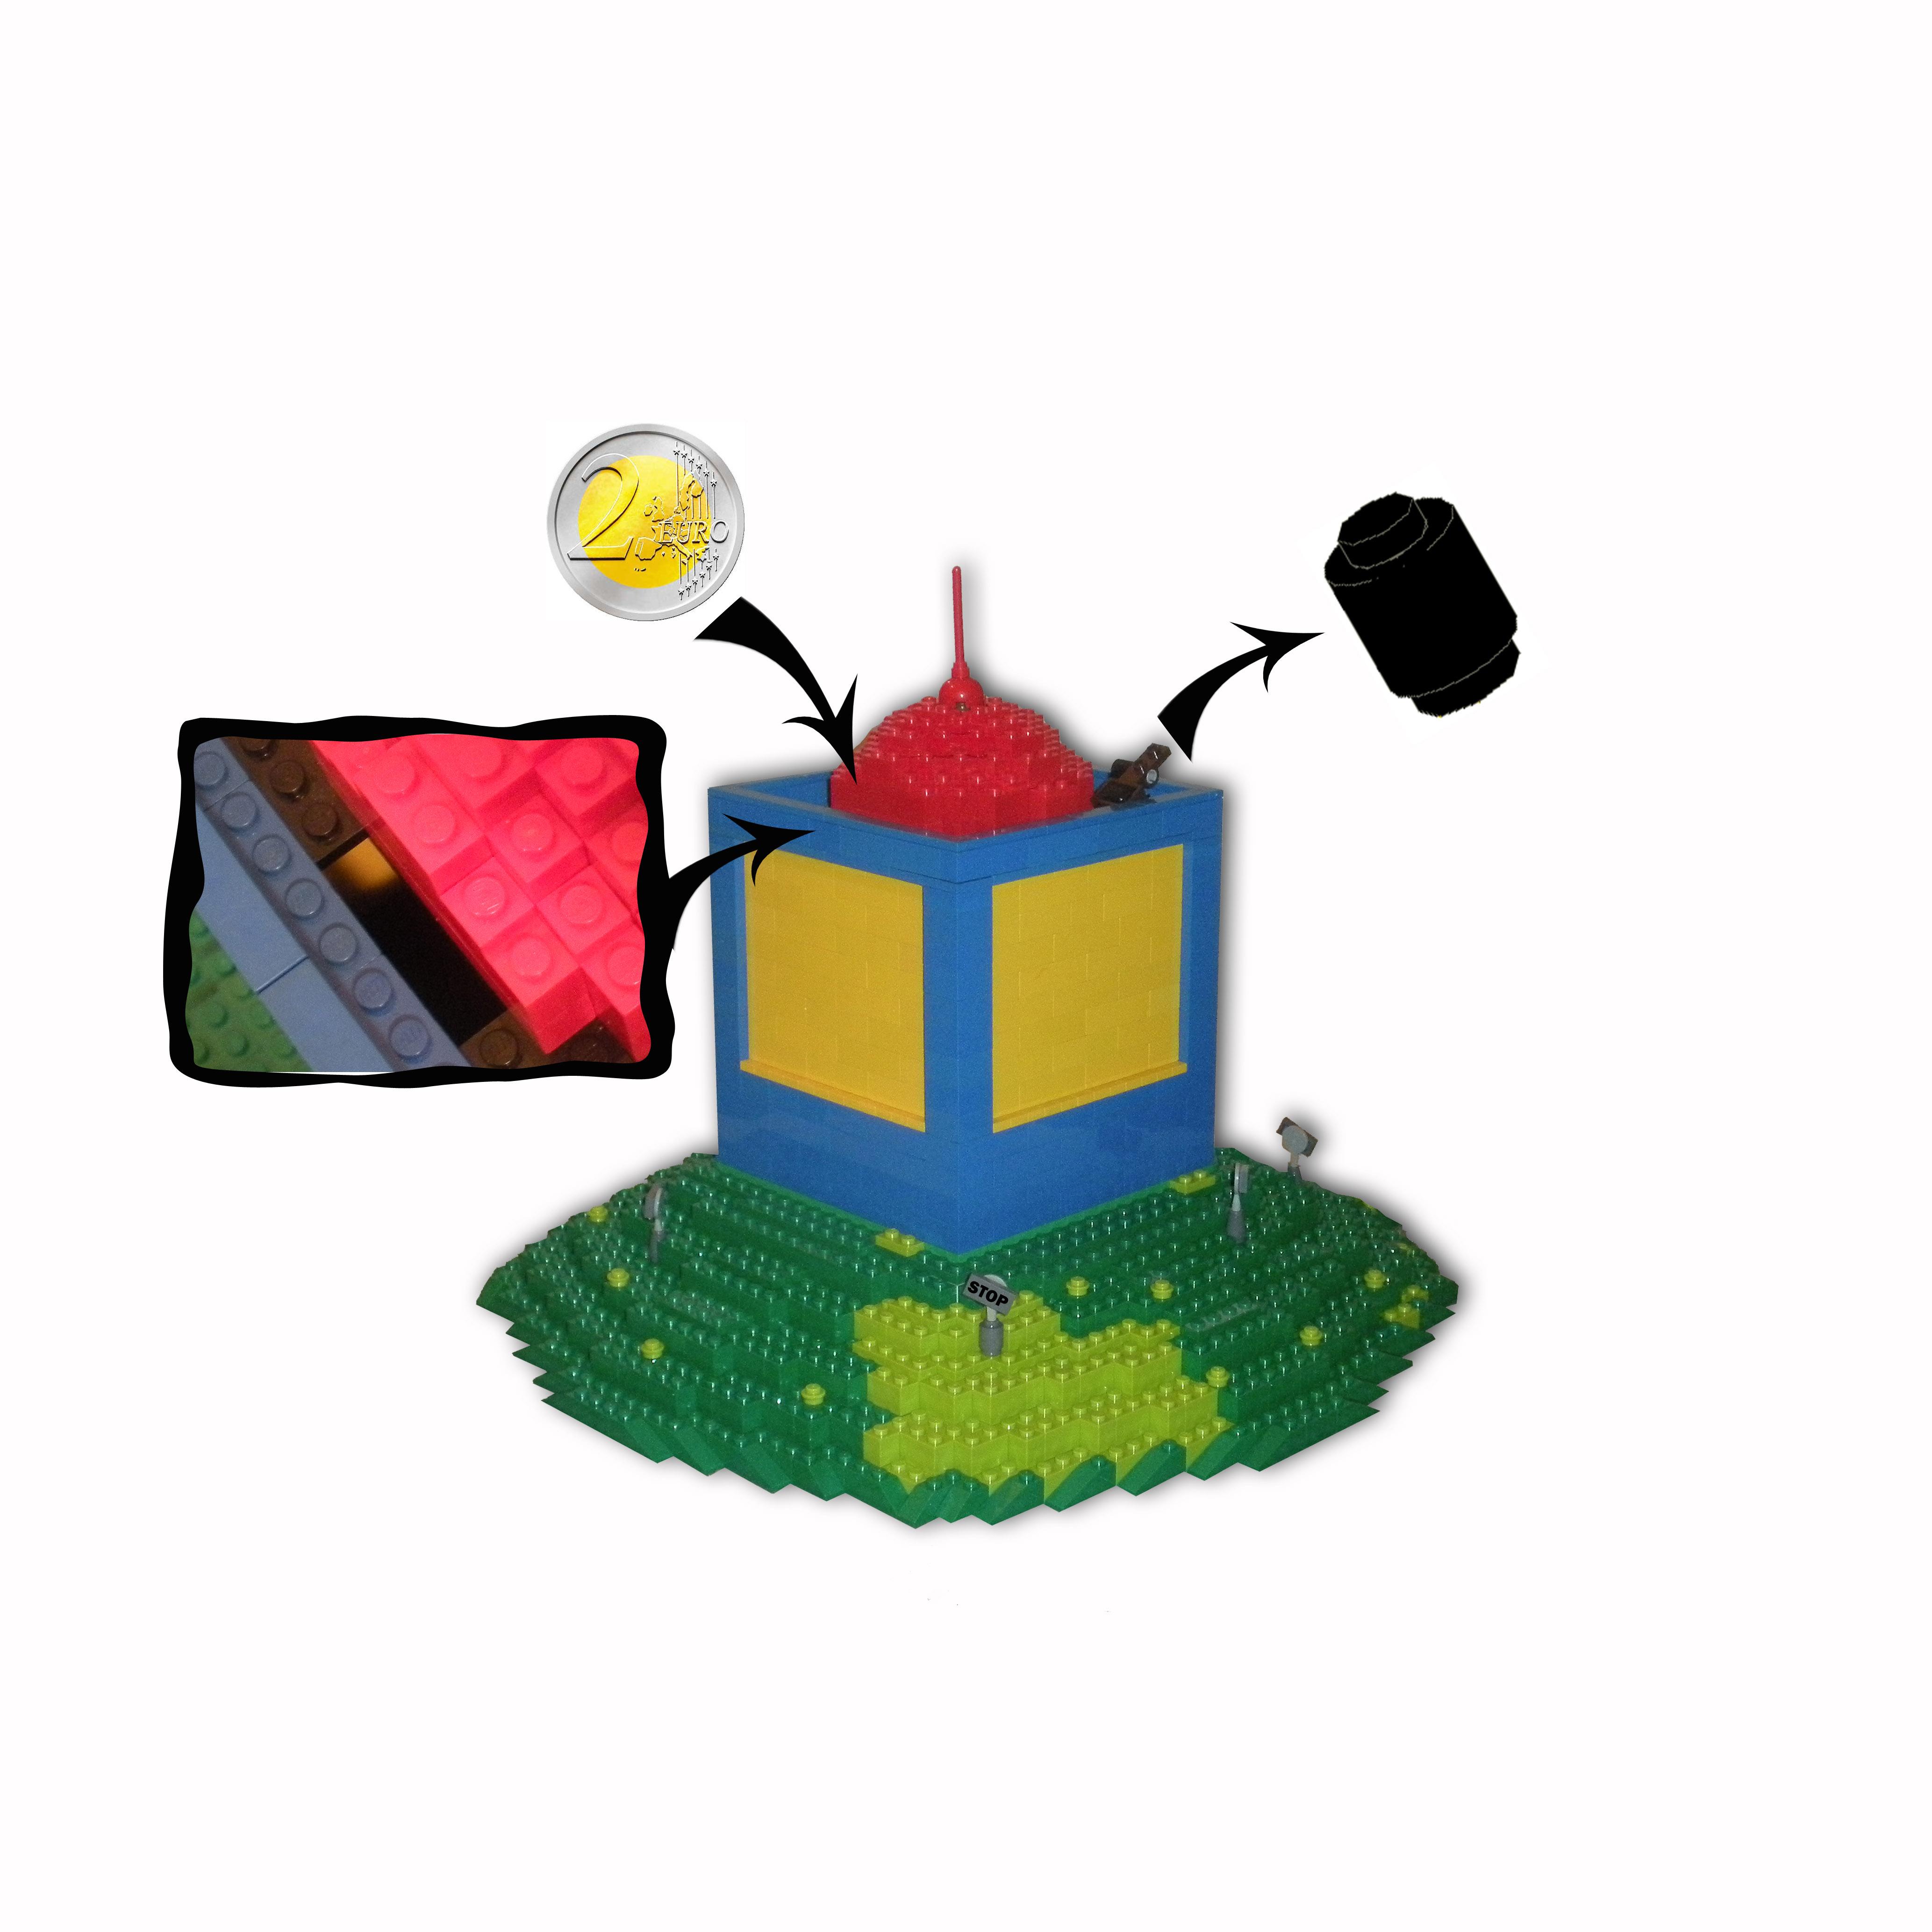 LEGO IDEAS - Product Ideas - UNCLE SCROOGE's MONEY BIN